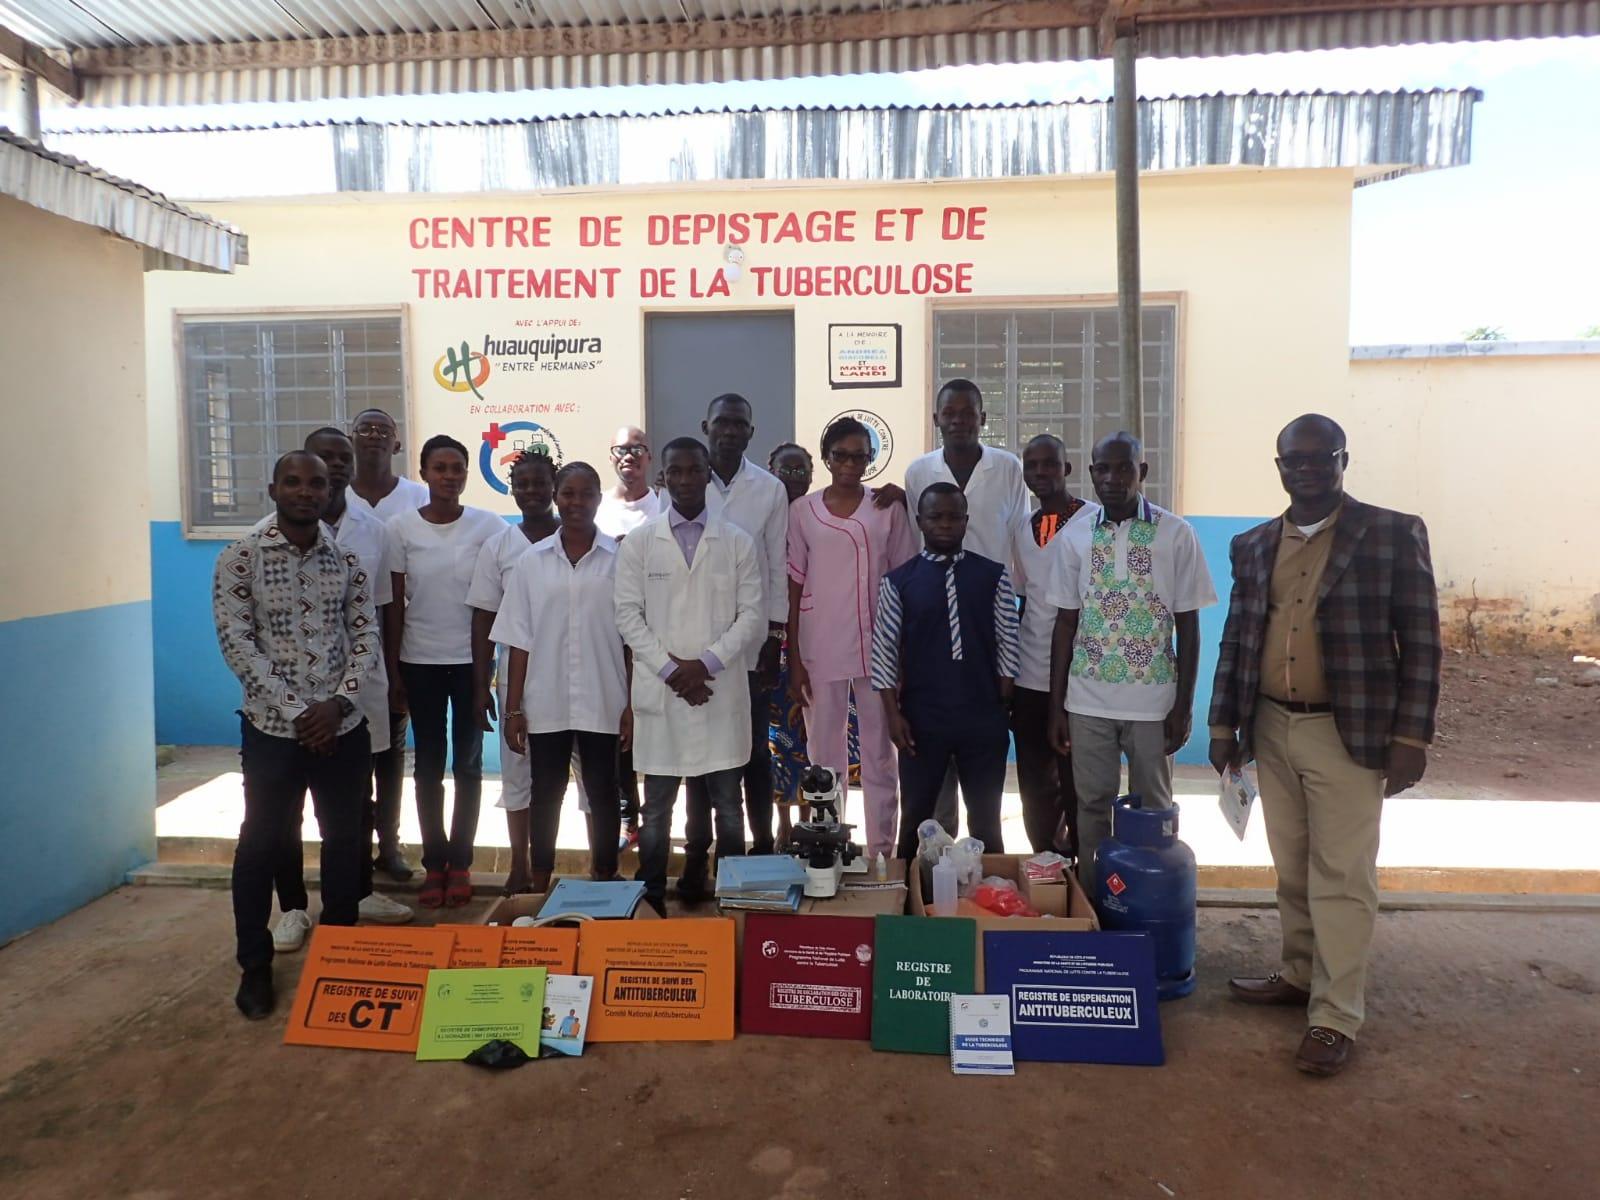 Asistencia sanitaria para la prevención de tuberculosis